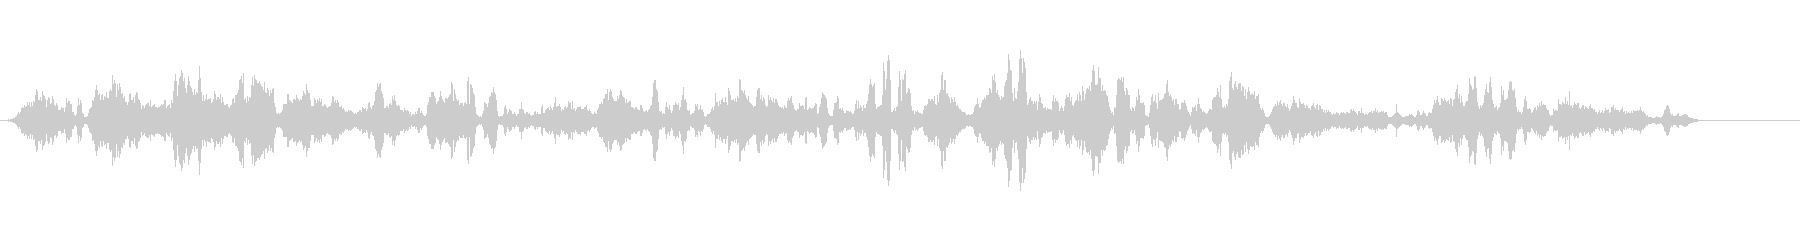 ギレモット-URIA AALGE-の未再生の波形